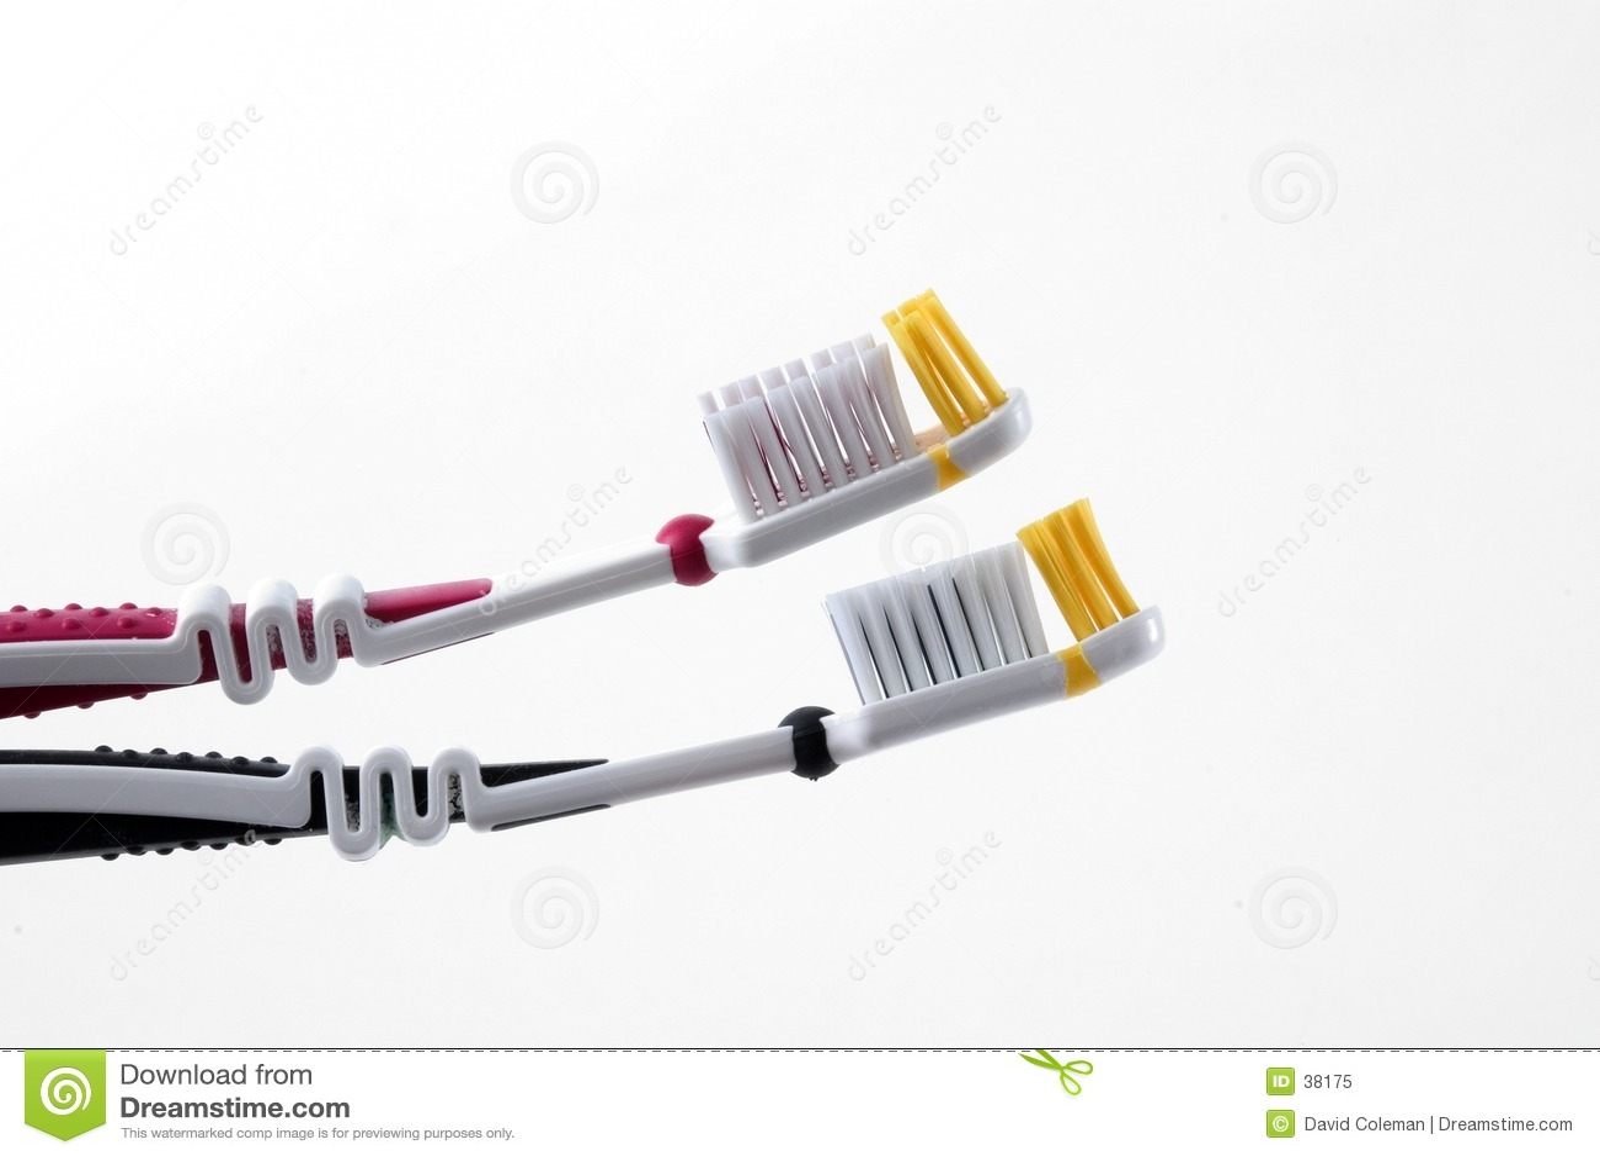 Cepillos de dientes en perfil